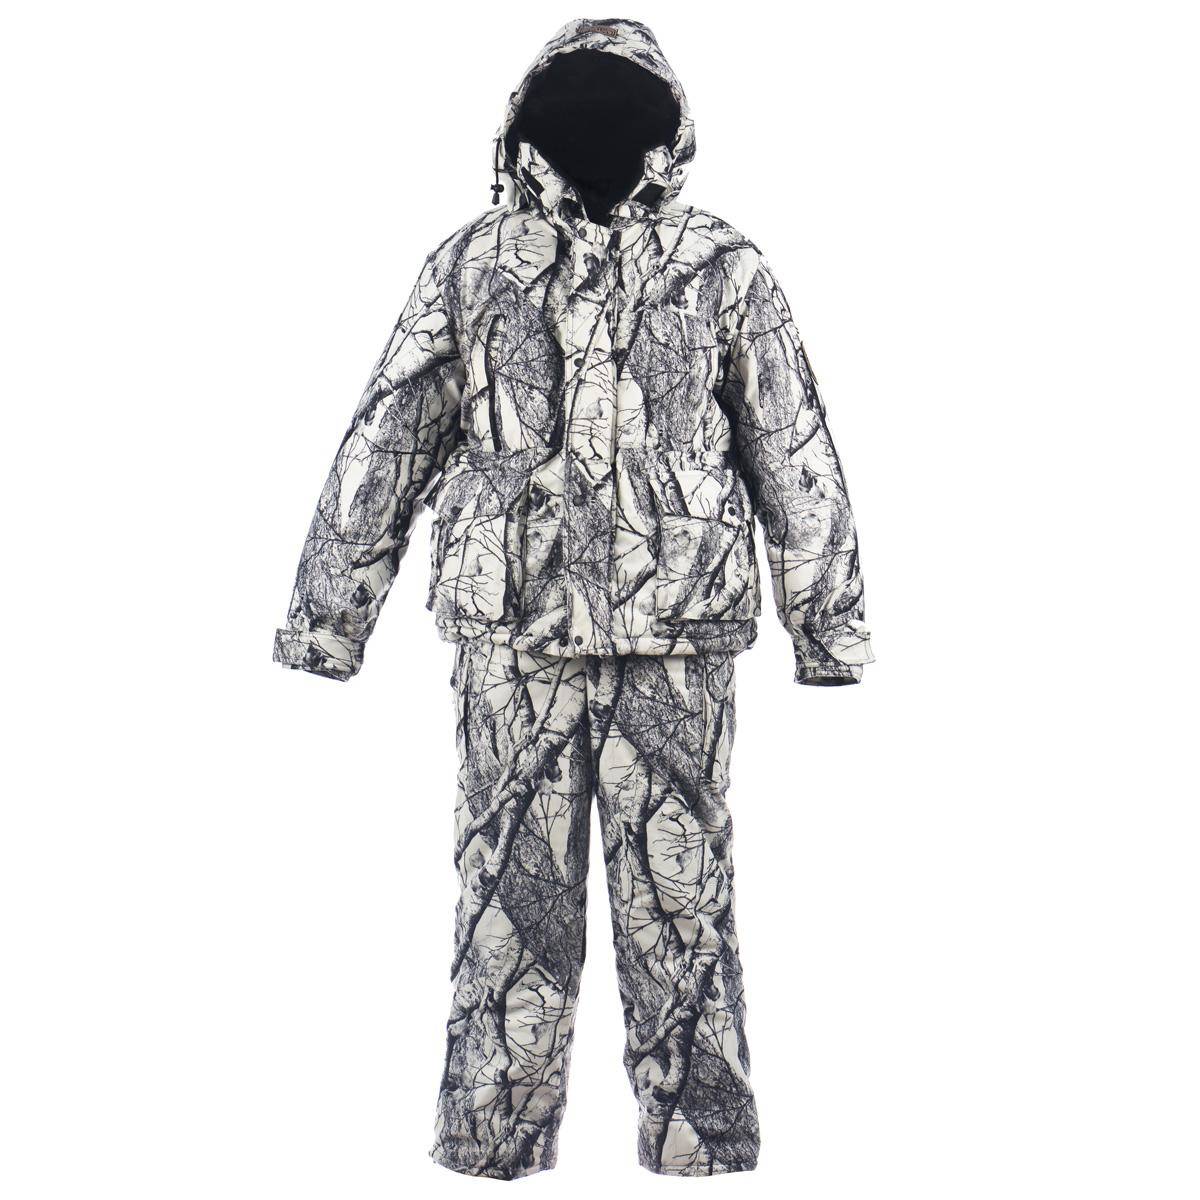 Буран-М_мембранаТеплый зимний мужской комплект Huntsman Буран-М, состоящий из куртки и полукомбинезона, предназначен для рыбалки, охоты и активного отдыха на природе. Верхний материал не продувается ветром, не промокает под сильным дождем, не теряет своих свойств при низких температурах (до -30°С) и не шуршит. Верхний материал: смесовая ткань, Oxford, Alova. Подкладка - Taffeta 190T, Polar Fleece, искусственный мутон. Ткань Alova с мембранным покрытием (100% полиэстер) препятствует проникновению ветра, отталкивает жидкость от поверхности, замедляет потери тепла, пропускает испарения тела. Смесовая ткань - обладает водоотталкивающими свойствами, дышит и не шуршит. Изготовленные по уникальной технологии, смесовые ткани соединяют в себе отличные эксплуатационные и физико-химические свойства натуральных и синтетических волокон. В качестве утеплителя используется Radotex (Радотекс) (куртка - 450 г/м2, полукомбинезон - 300 г/м2), состоящий из полого высокоизвитого...